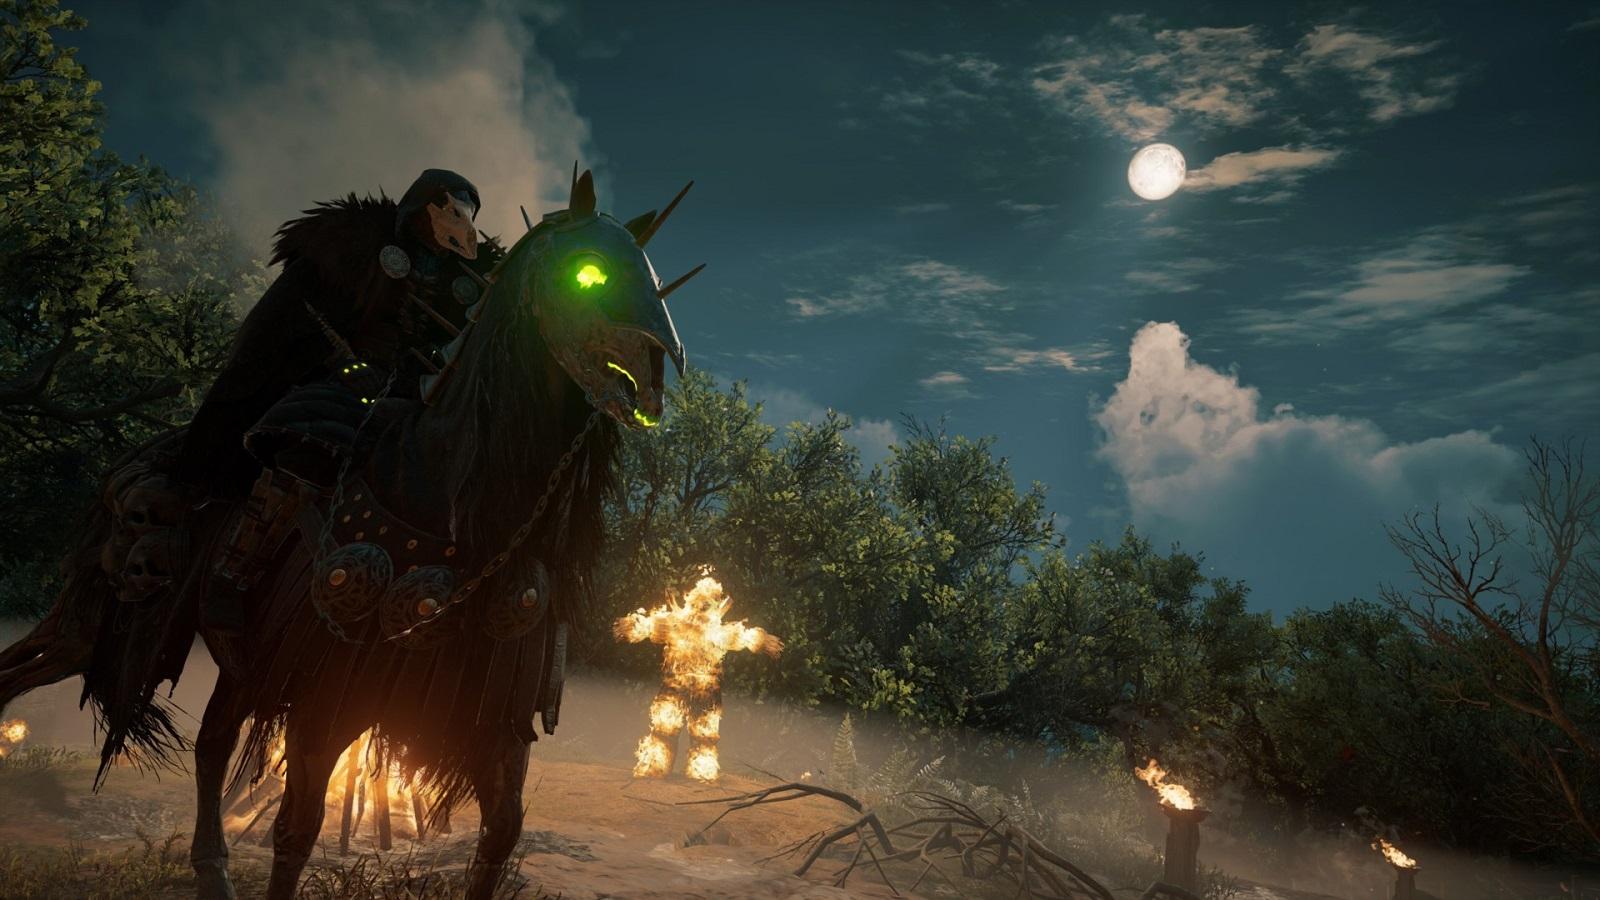 Игроки уже нашли способ обойти микротранзакции и получить платные предметы из Assassin's Creed Valhalla